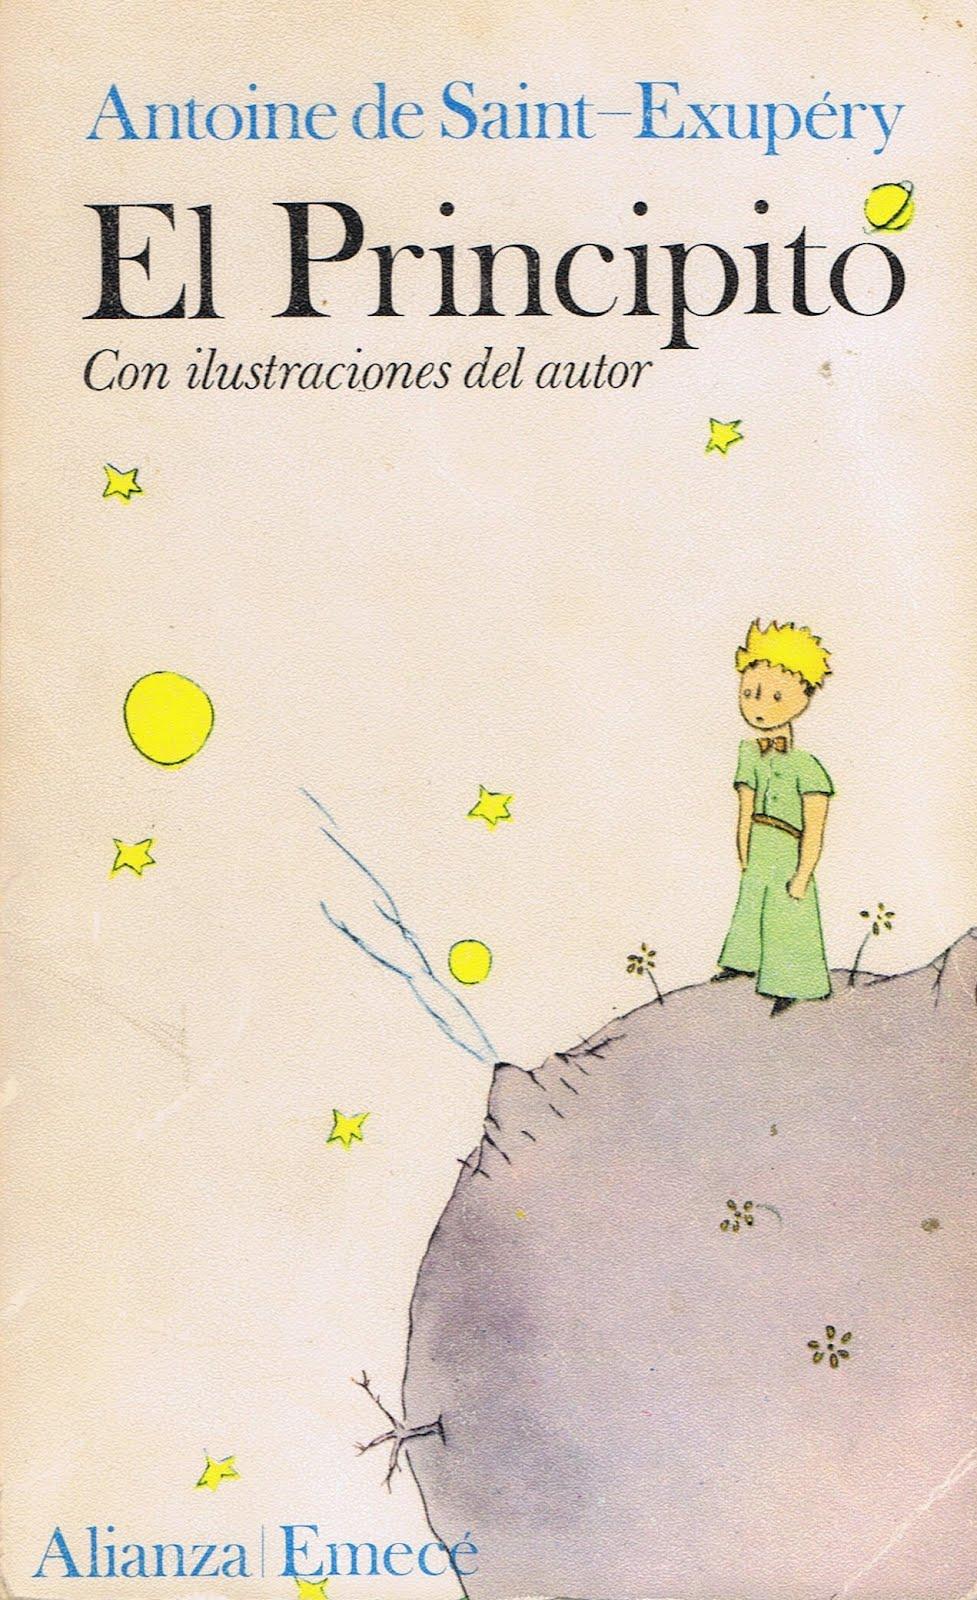 Antoine de Saint-Exupéry: El Principito, Ilus. del autor, Trad. Bonifacio  del Carril,Madrid: Alianza, 5ª ed., 1974. En la actualidad está editado en  ...